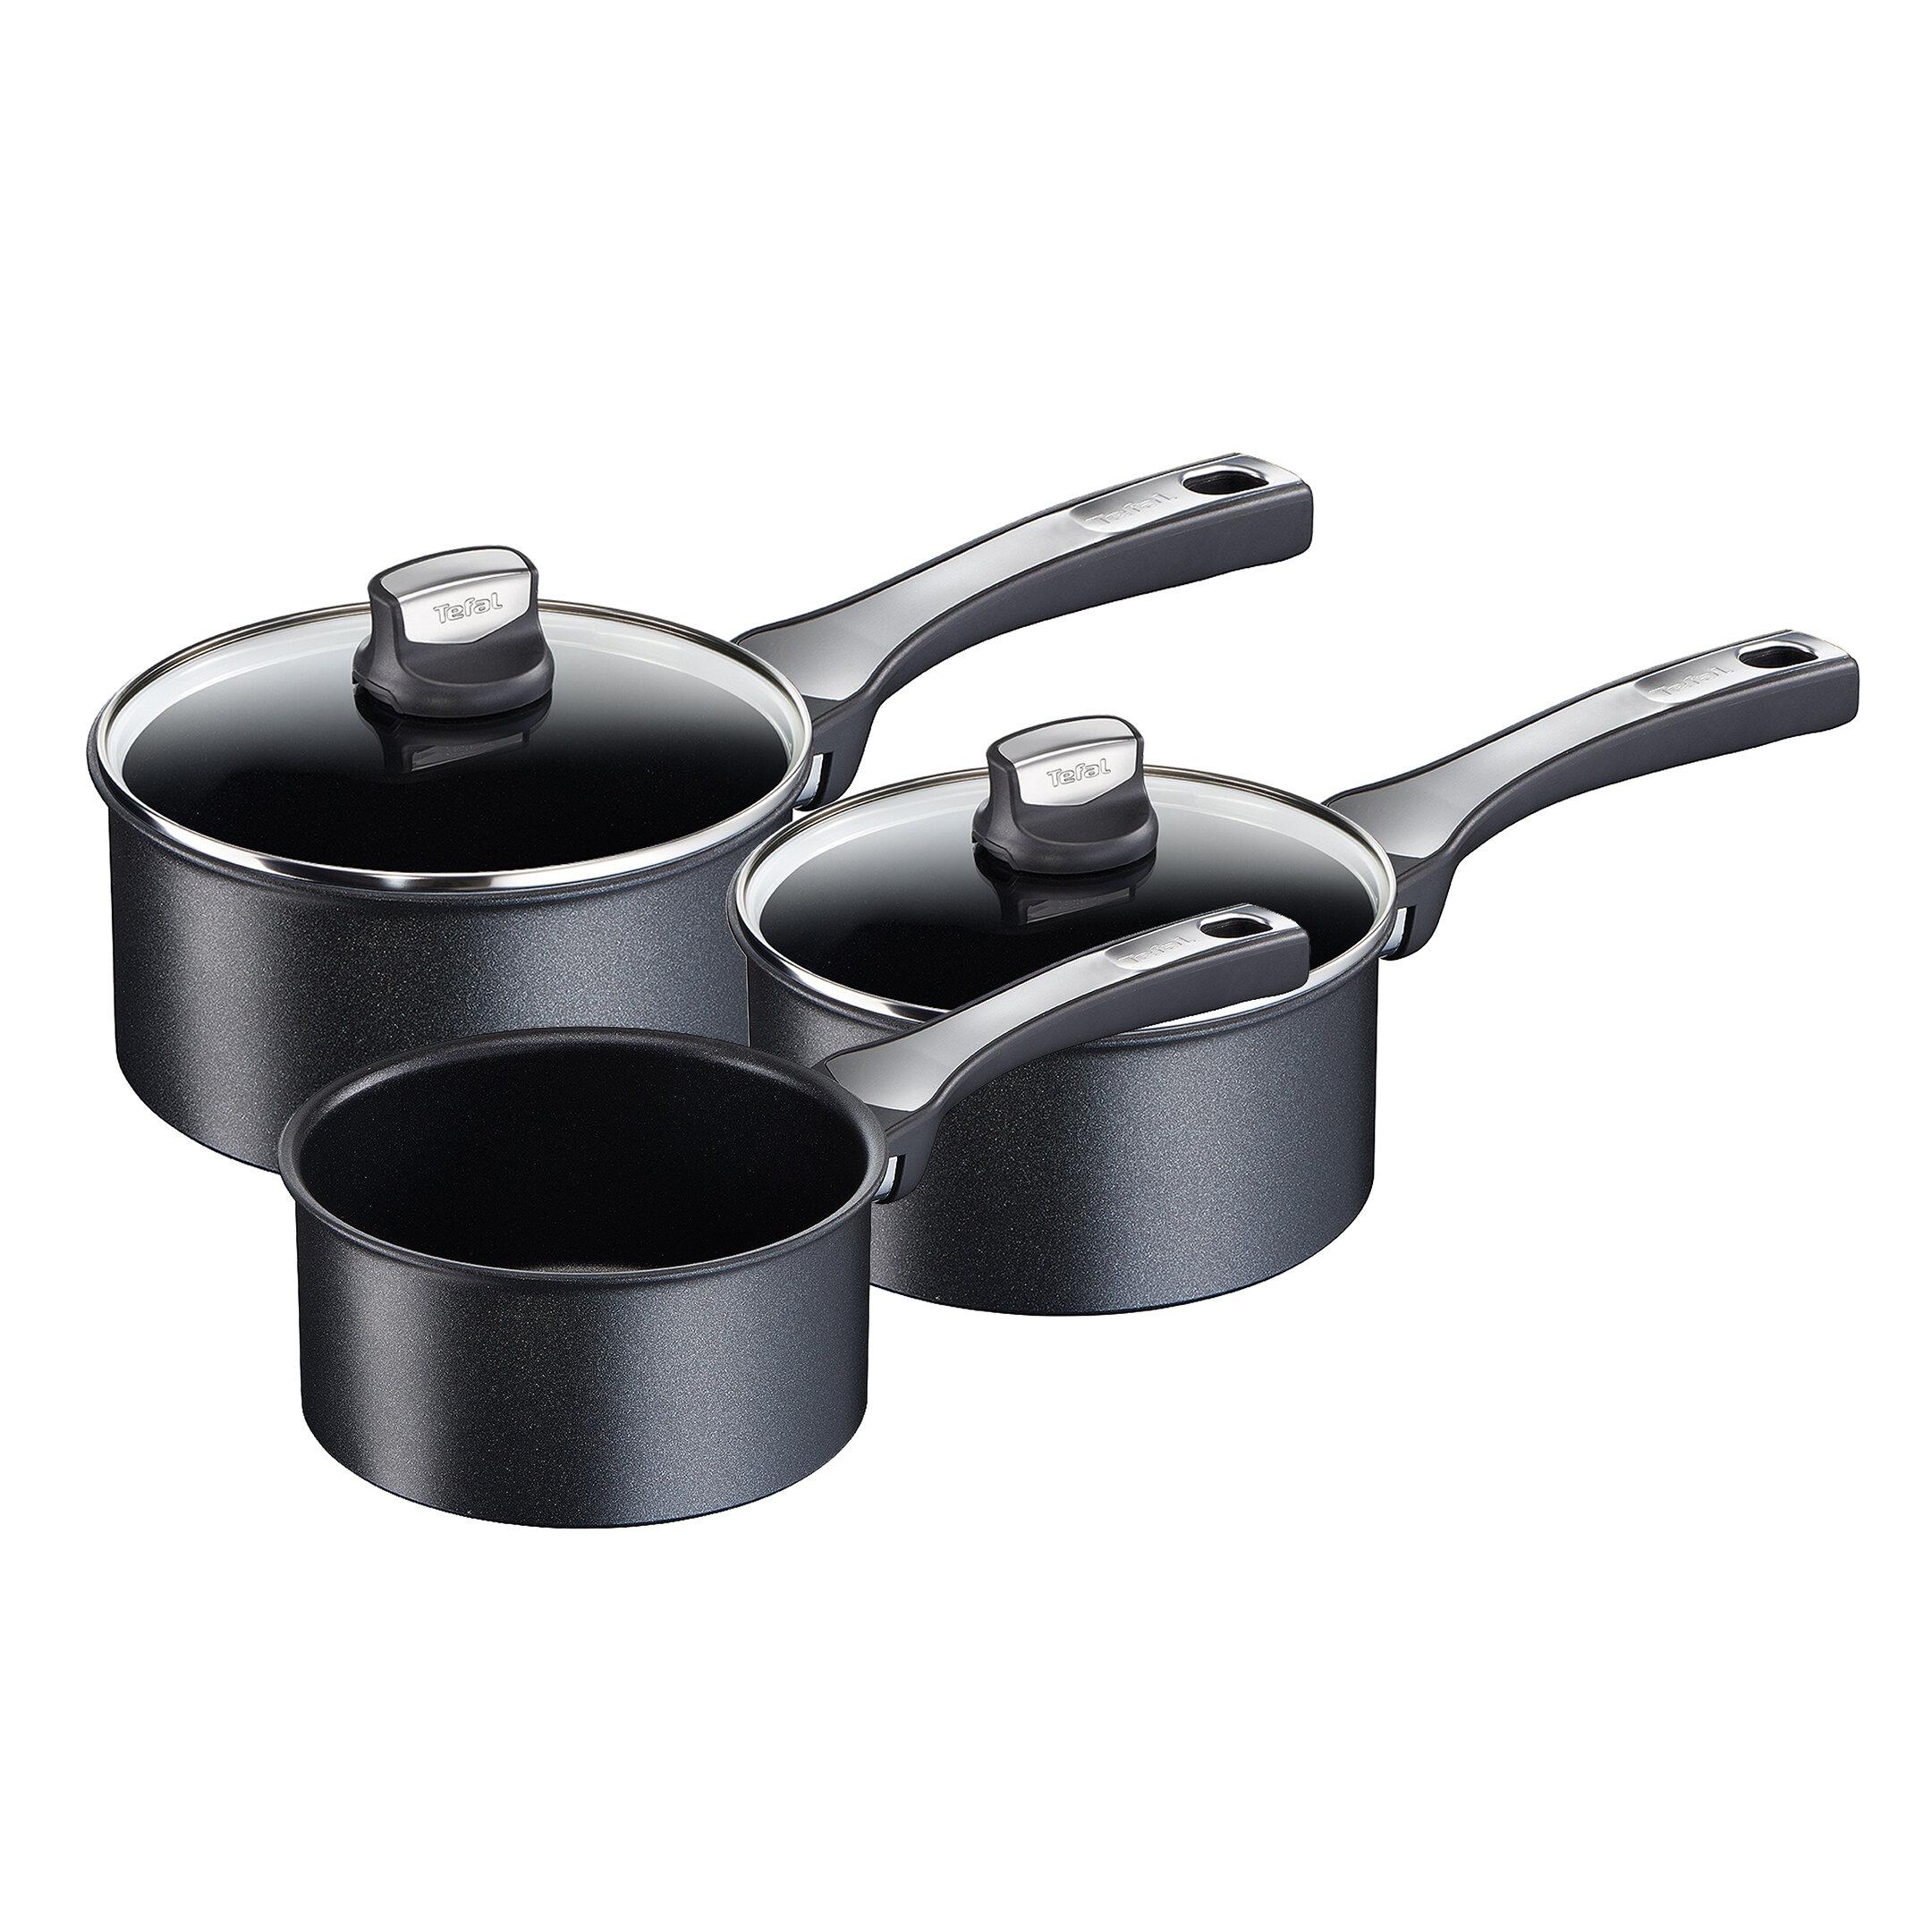 Black Tefal Ingenio Essential Non-stick Saucepan 18 cm